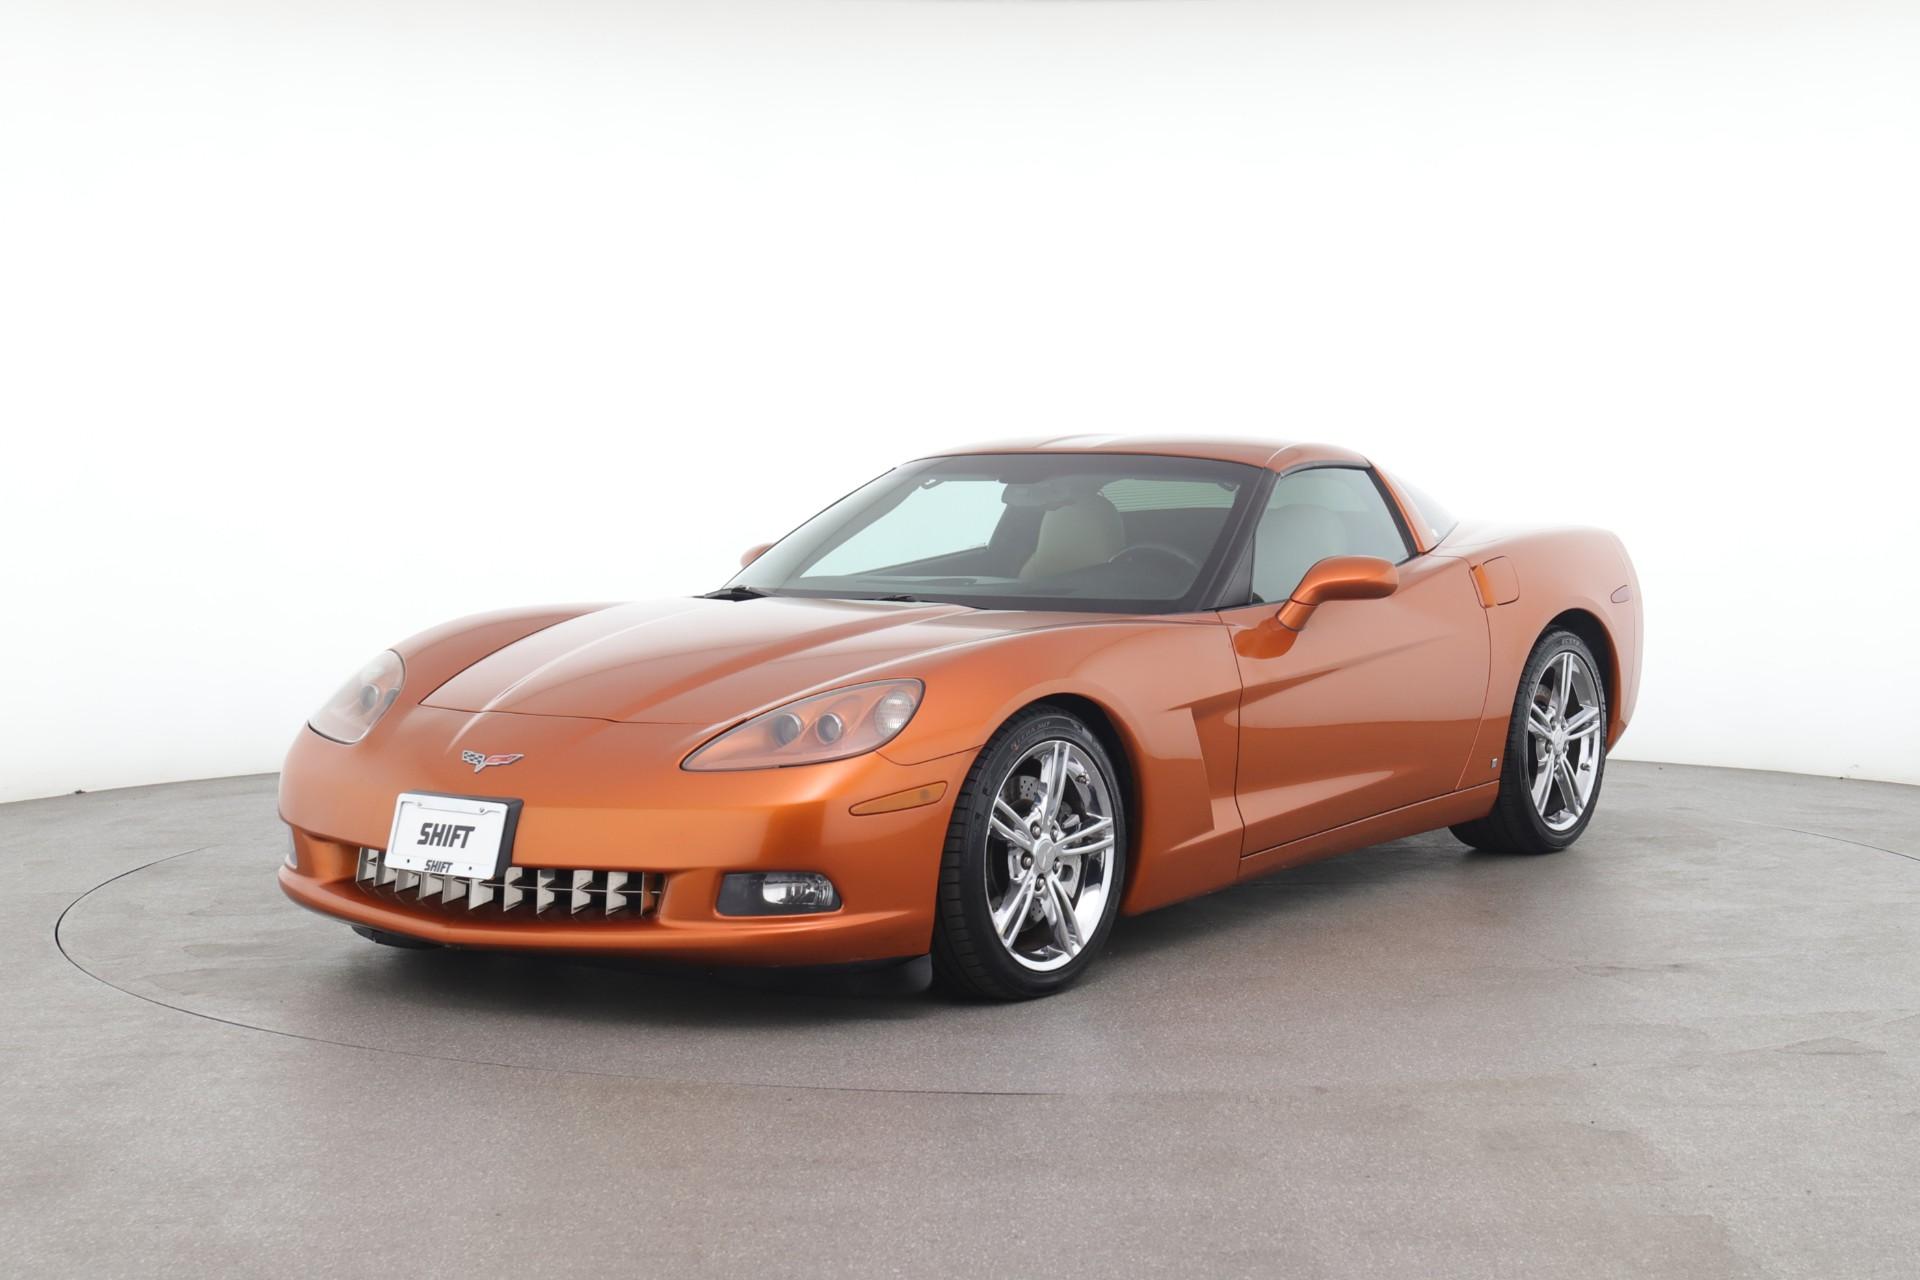 2008 Chevrolet Corvette (from $30,500)